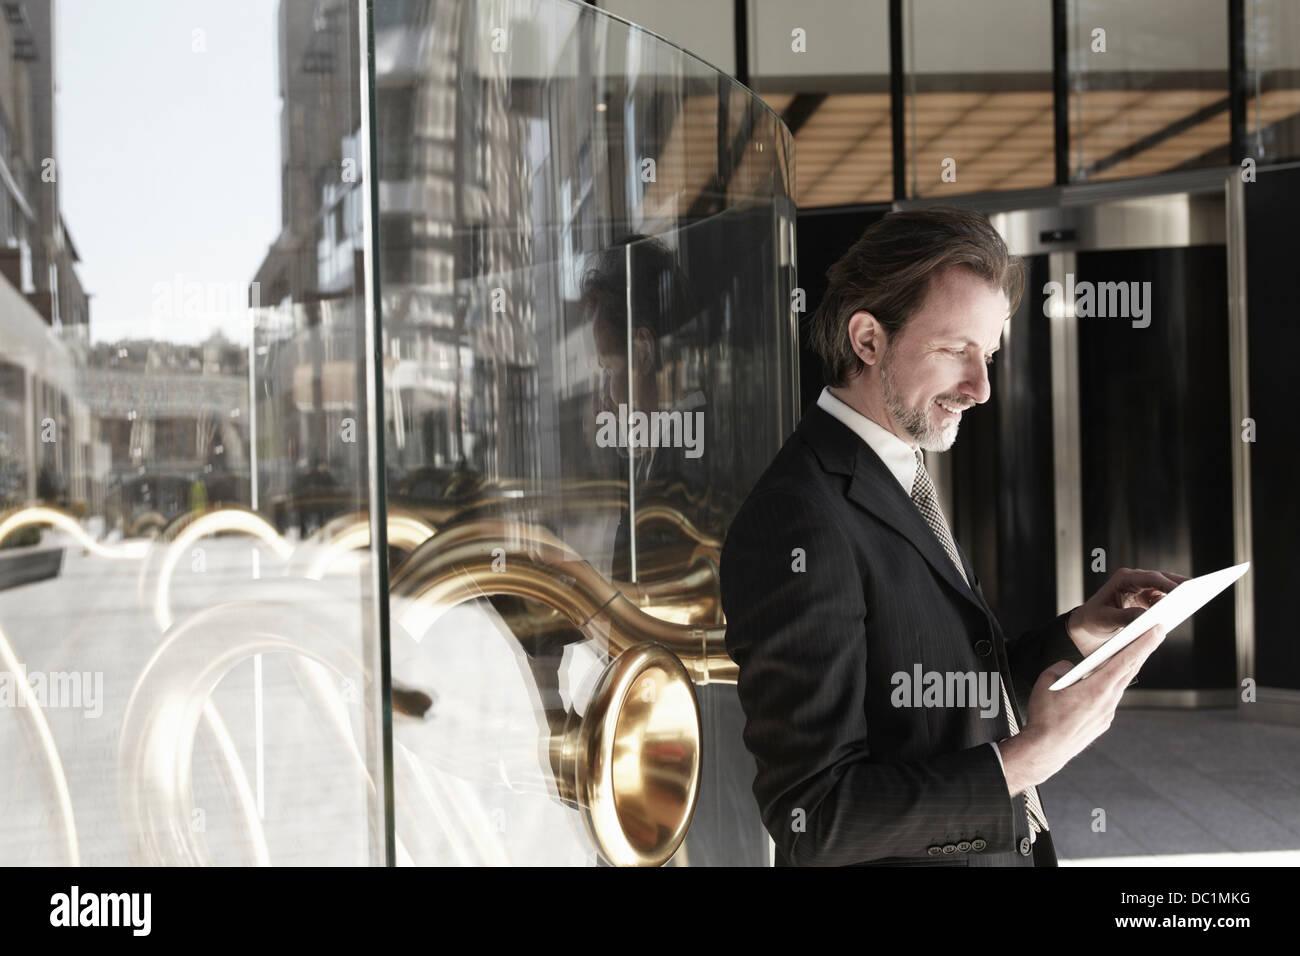 Adulto medio imprenditore appoggiata contro la finestra del negozio e con tavoletta digitale Immagini Stock